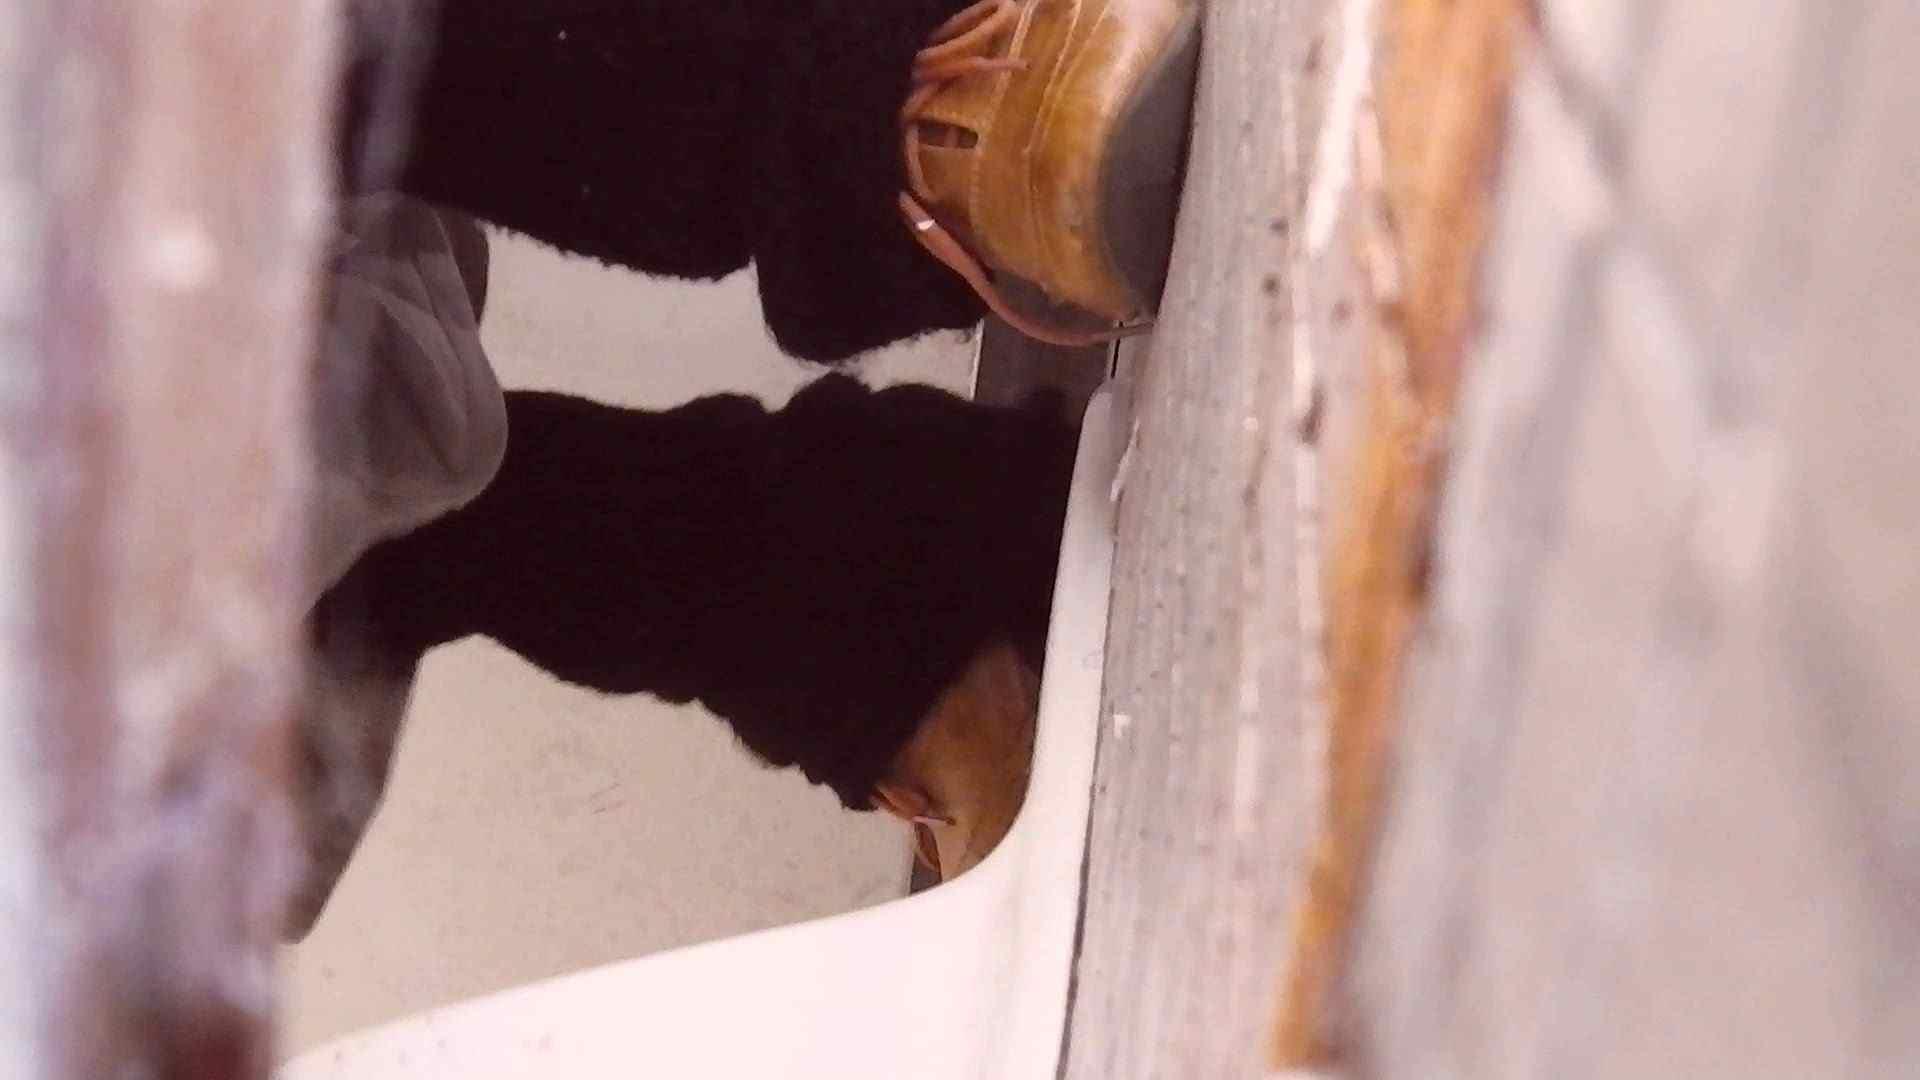 高画質至近映像和式の隙間 Vol.01 和式 オマンコ動画キャプチャ 104枚 23